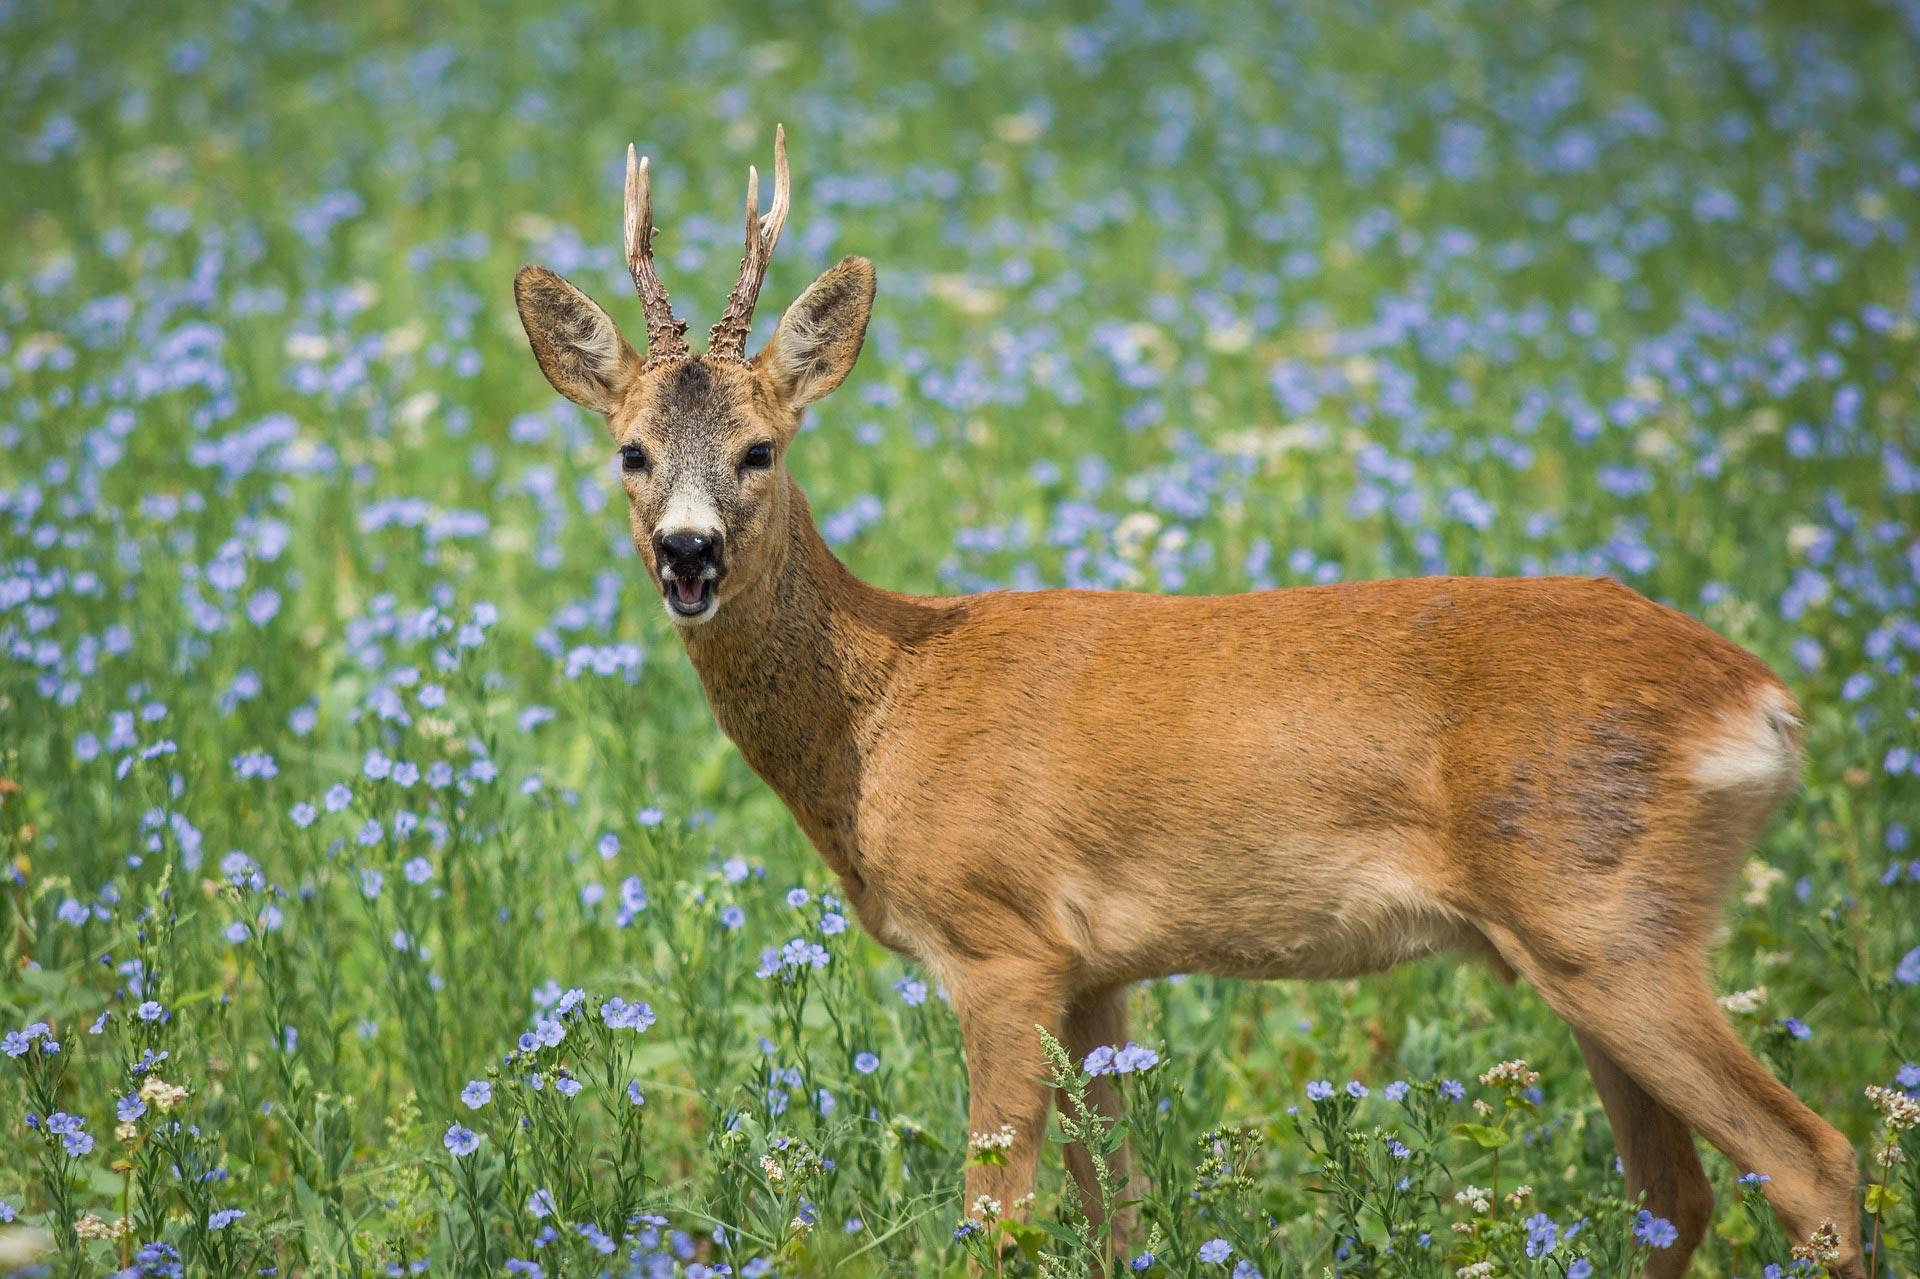 Wer den braven Bock jagen will, muss Zeit und Aufwand in die Bockhege stecken. Wir zeigen, was dem Rehwild im Frühjahr zu einem guten Start verhilft.